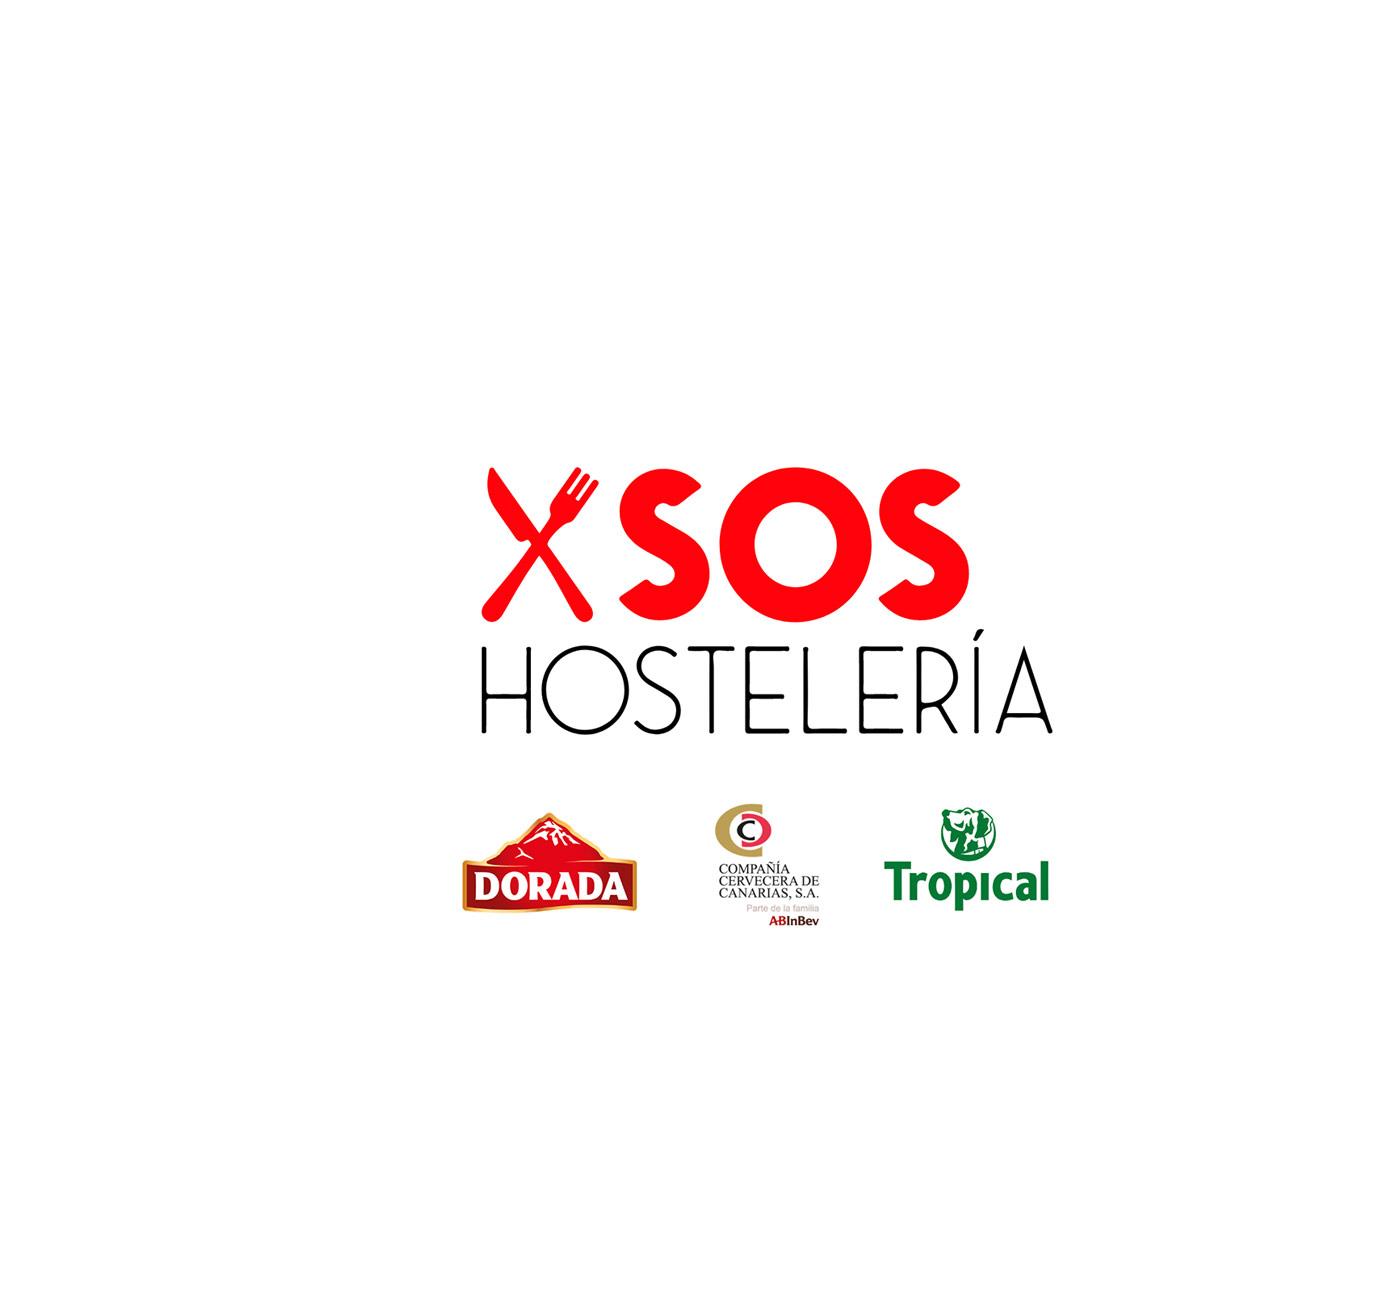 Compañía Cervecera muestra su apoyo a la hostelería y apuesta por que se agilicen las ayudas directas